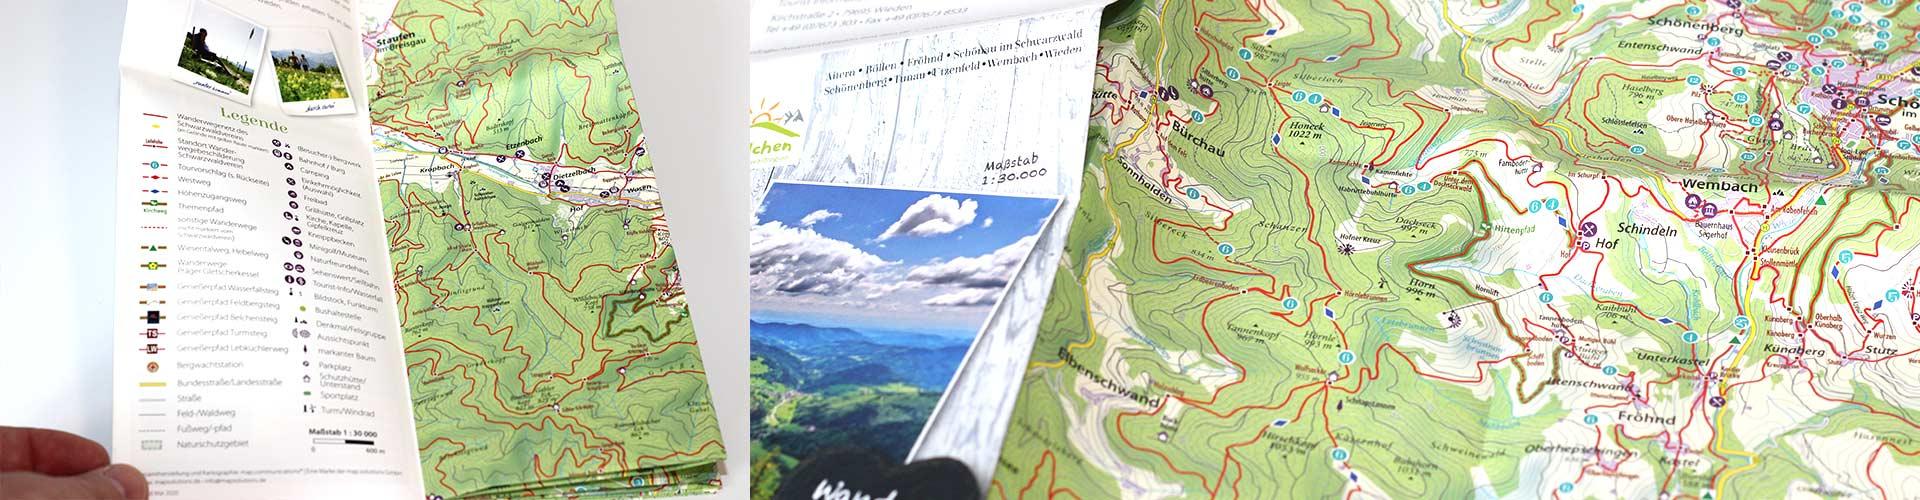 Landkarten-drucken-lassen